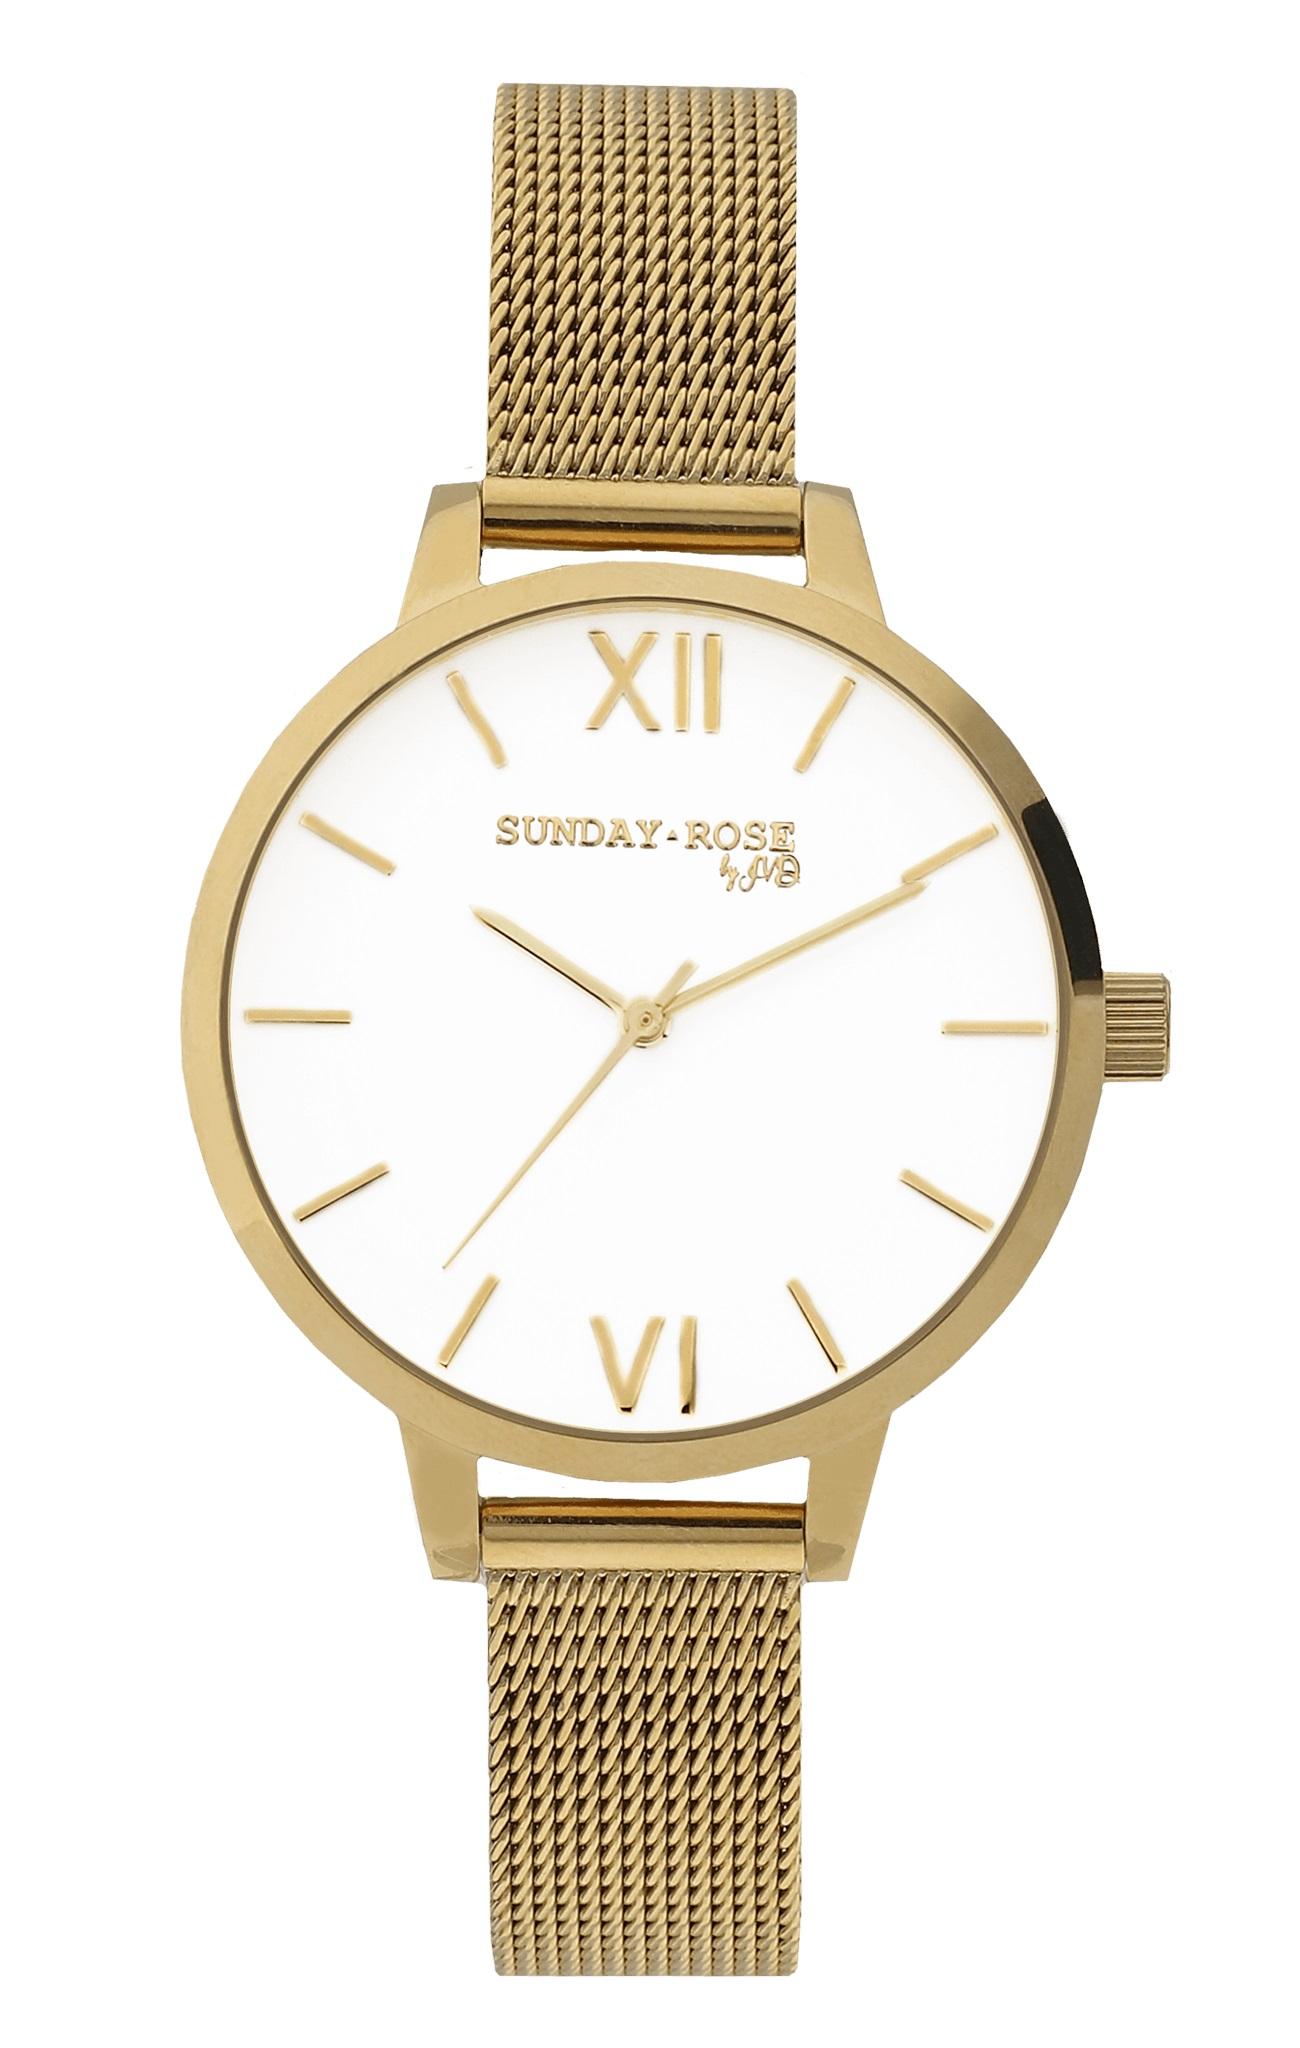 Dámské luxusní designové hodinky SUNDAY ROSE Fashion ROYAL GOLD (POŠTOVNÉ ZDARMA!!)